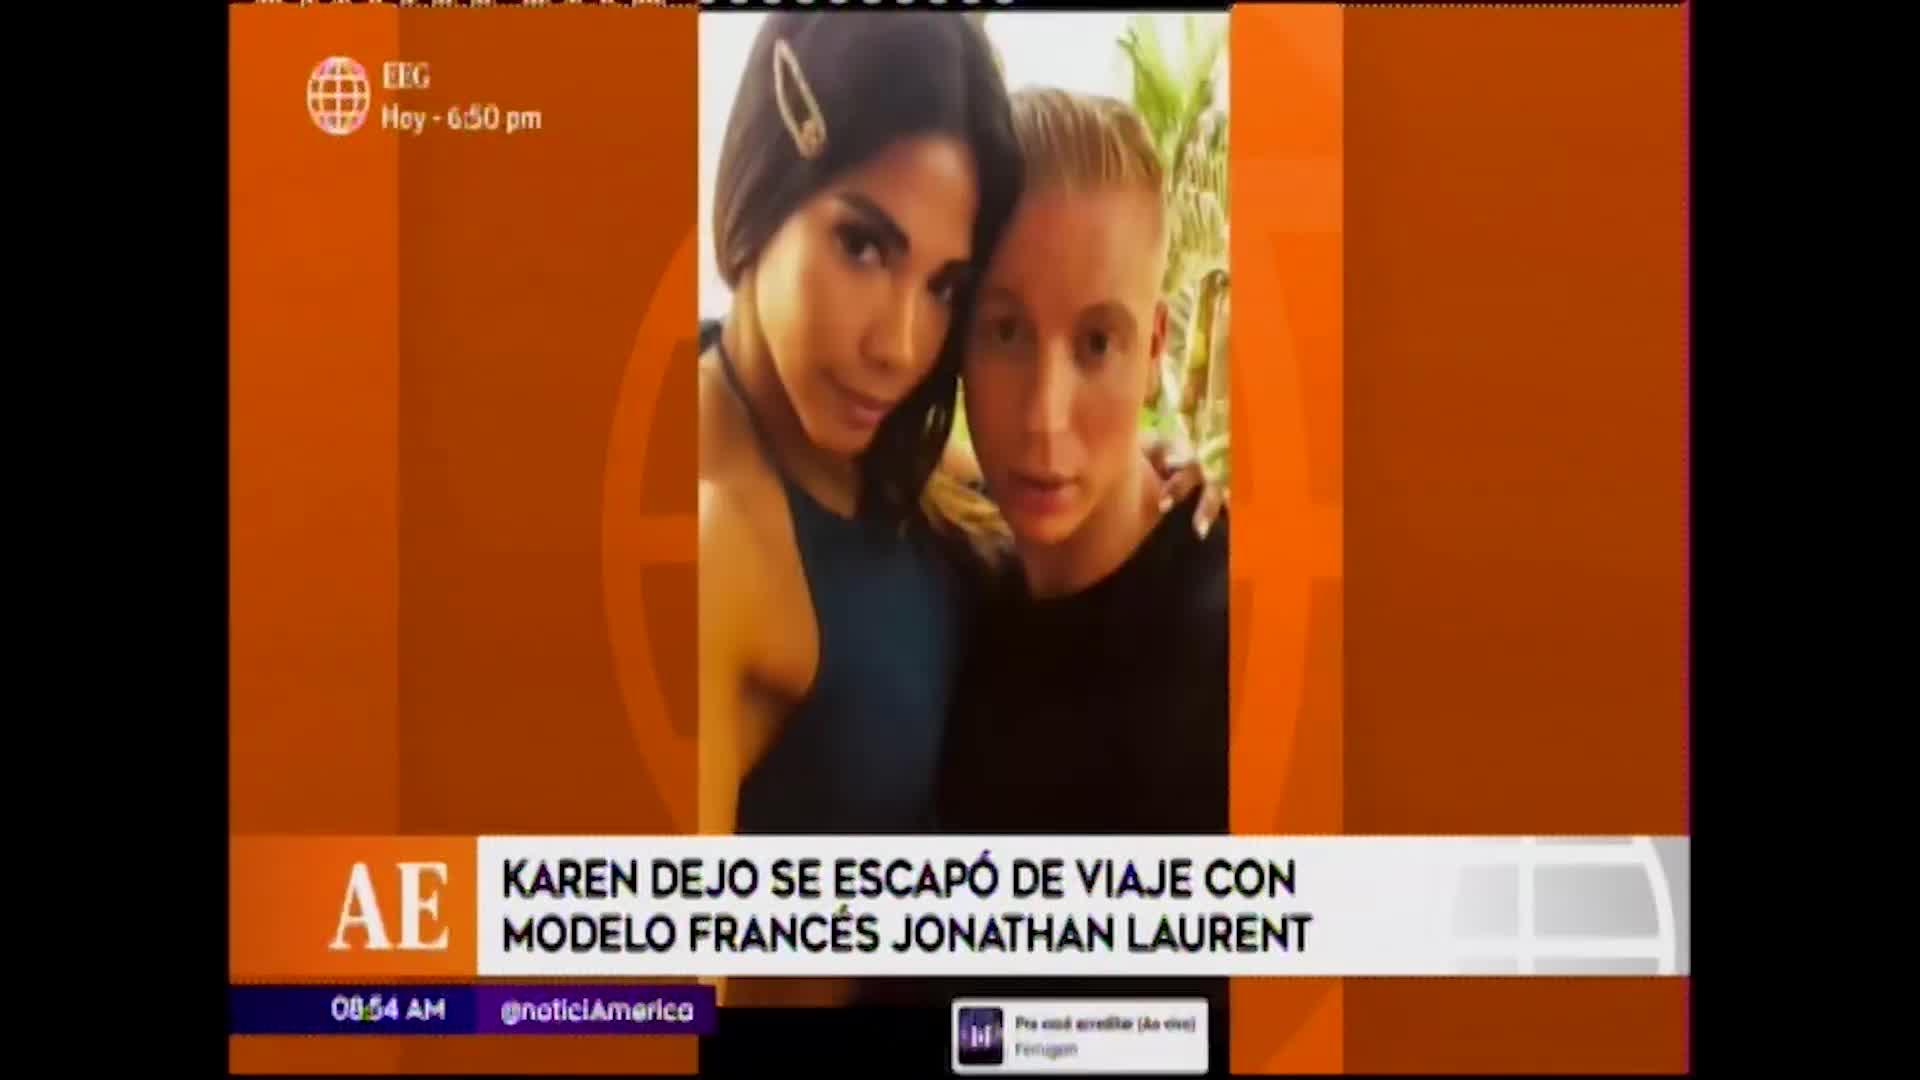 EEG: Karen Dejo disfruta de las playas norteñas junto a modelo francés